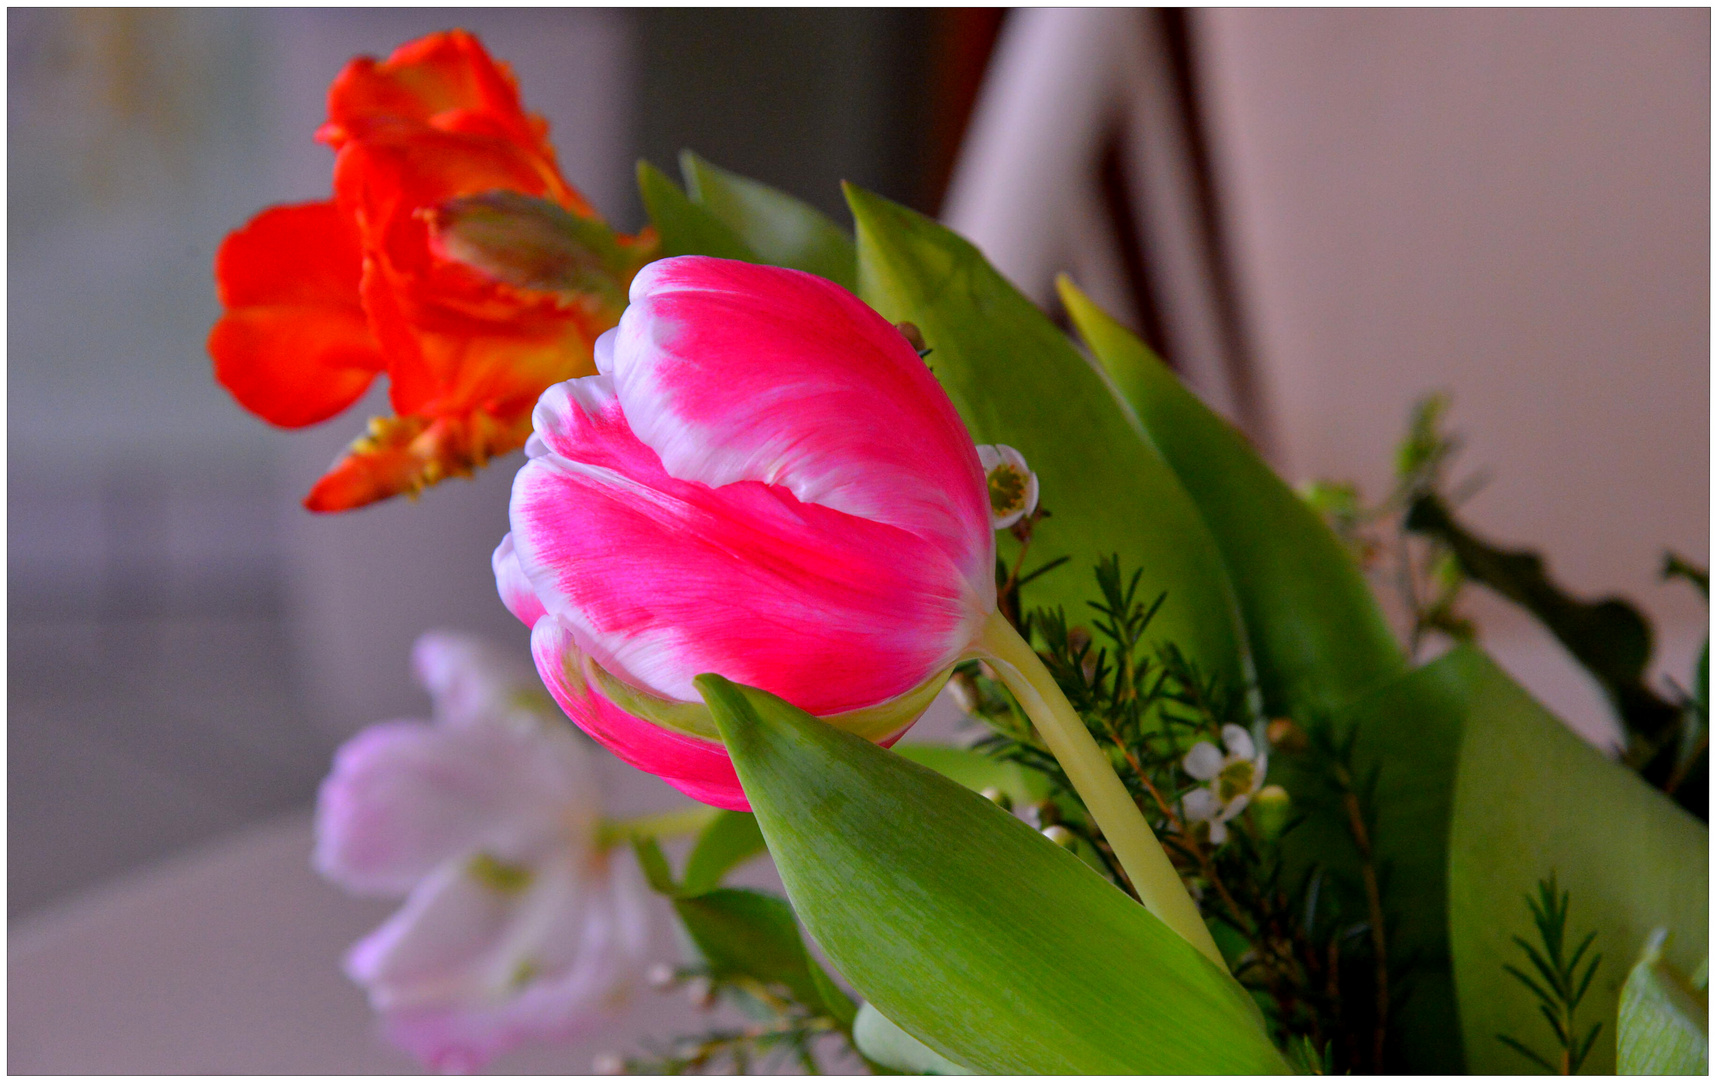 die ersten Blumen I (las primeras flores I)